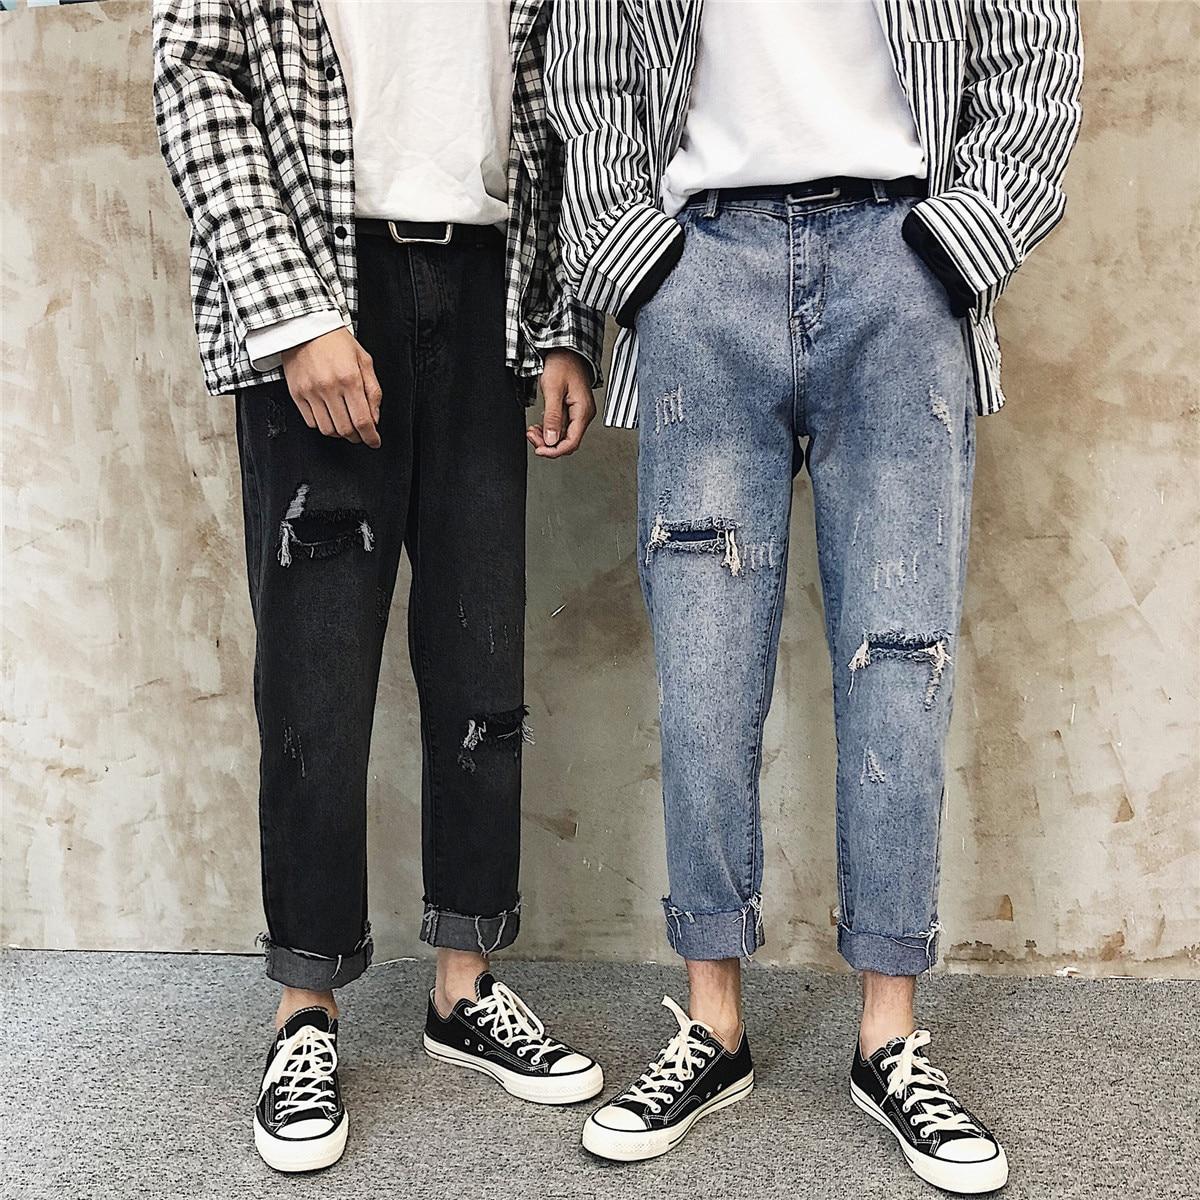 Otoño estilo de Hong Kong ins tobillo-longitud pantalones para hombres estilo coreano suelta pierna recta pierna ancha daddy pantalones moda Sentido de